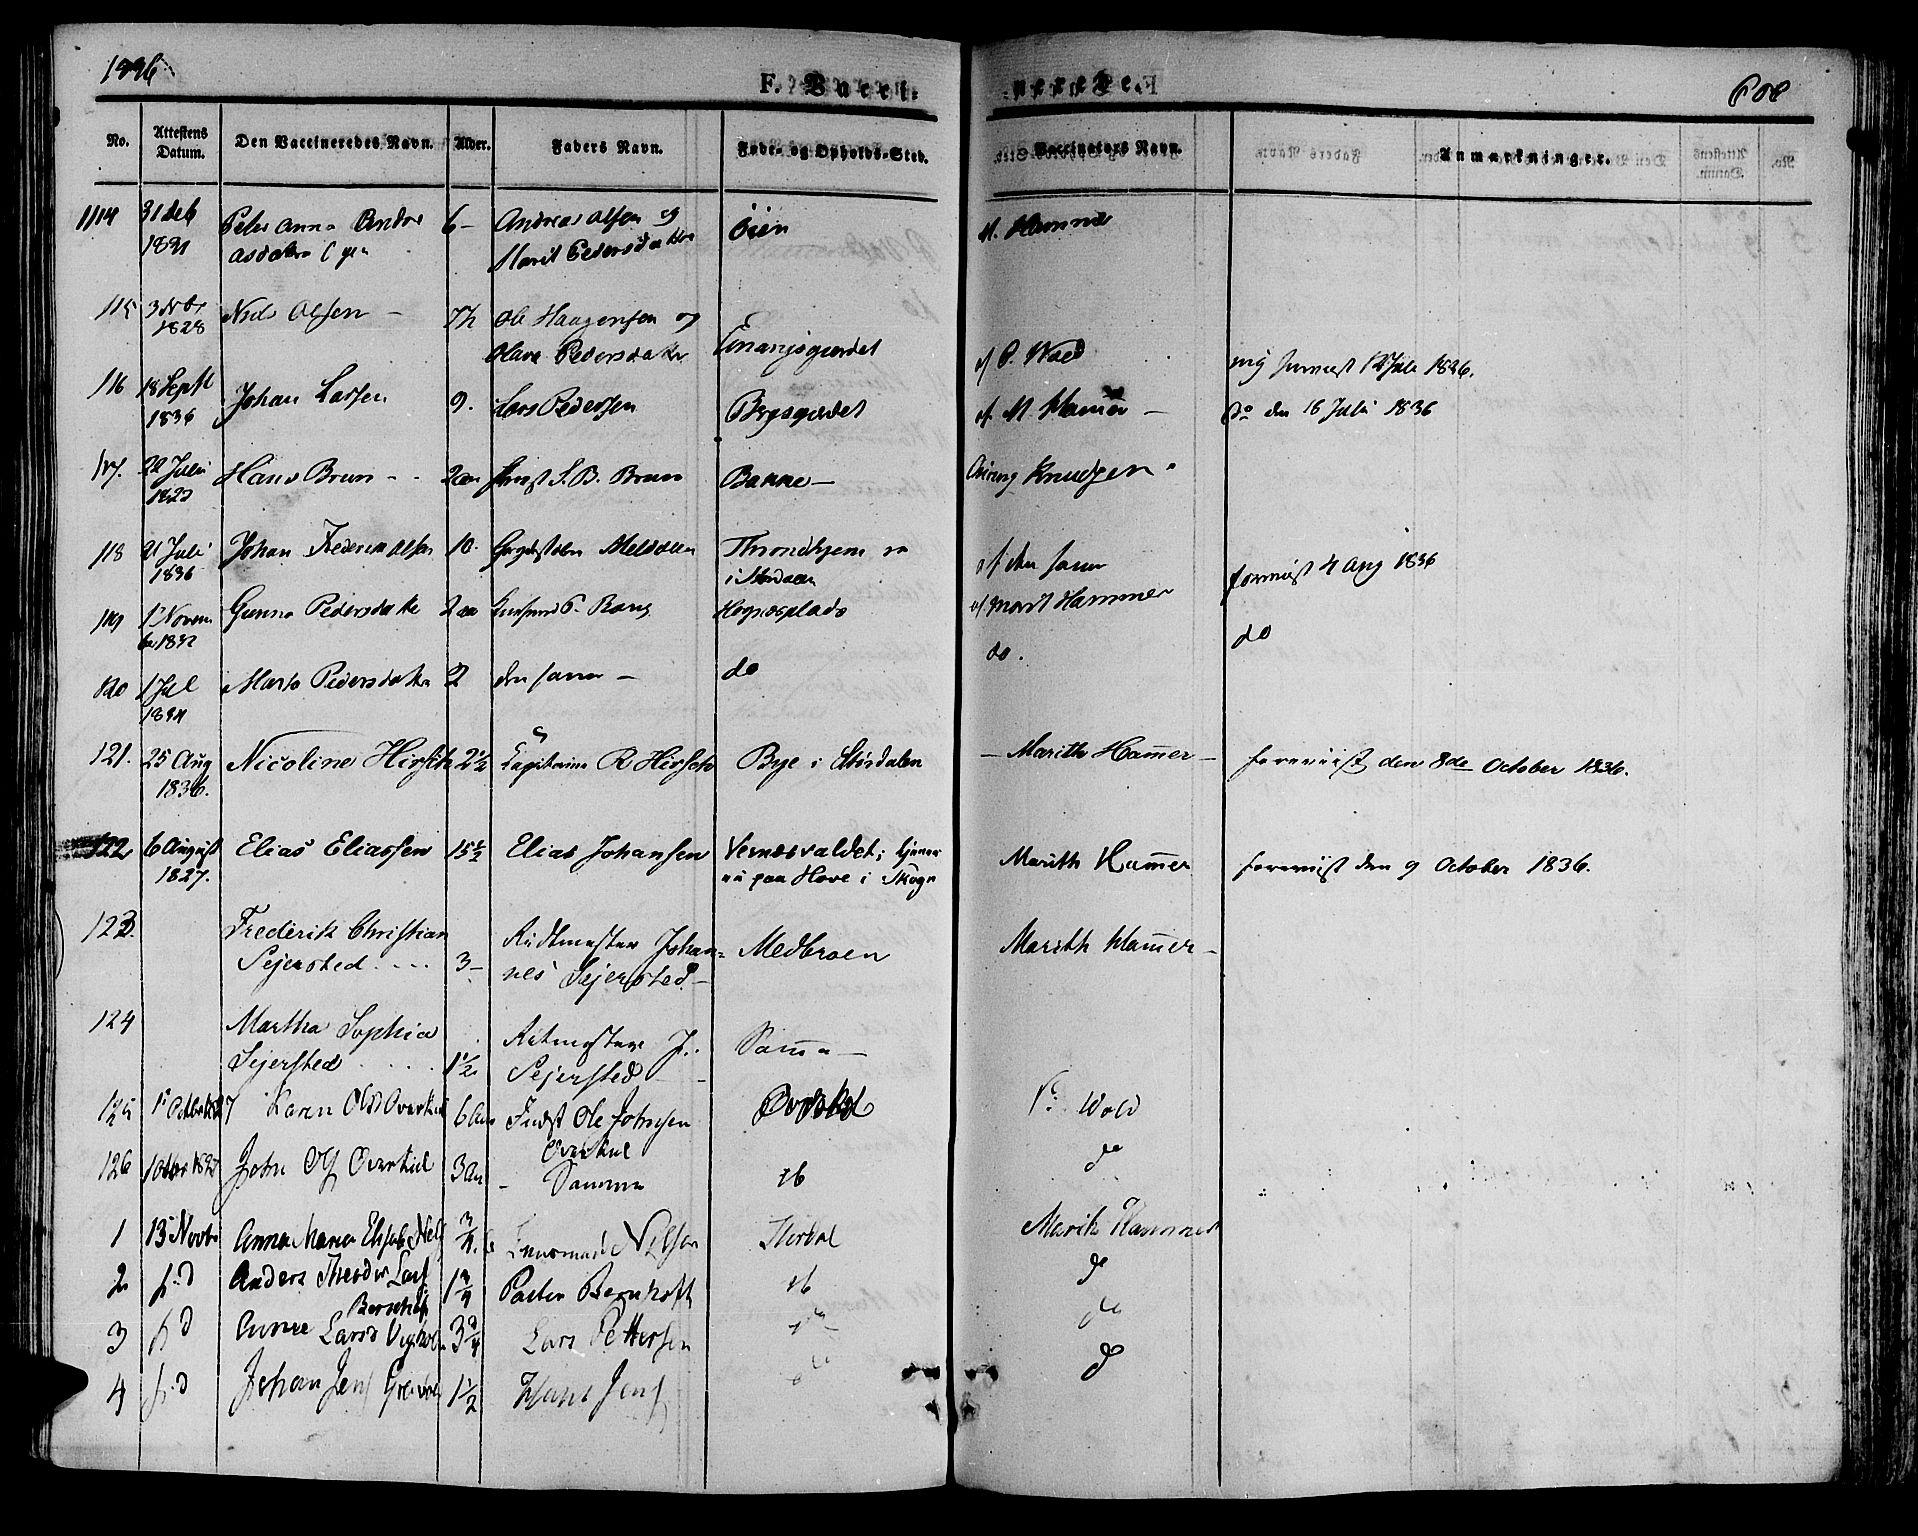 SAT, Ministerialprotokoller, klokkerbøker og fødselsregistre - Nord-Trøndelag, 709/L0072: Ministerialbok nr. 709A12, 1833-1844, s. 606